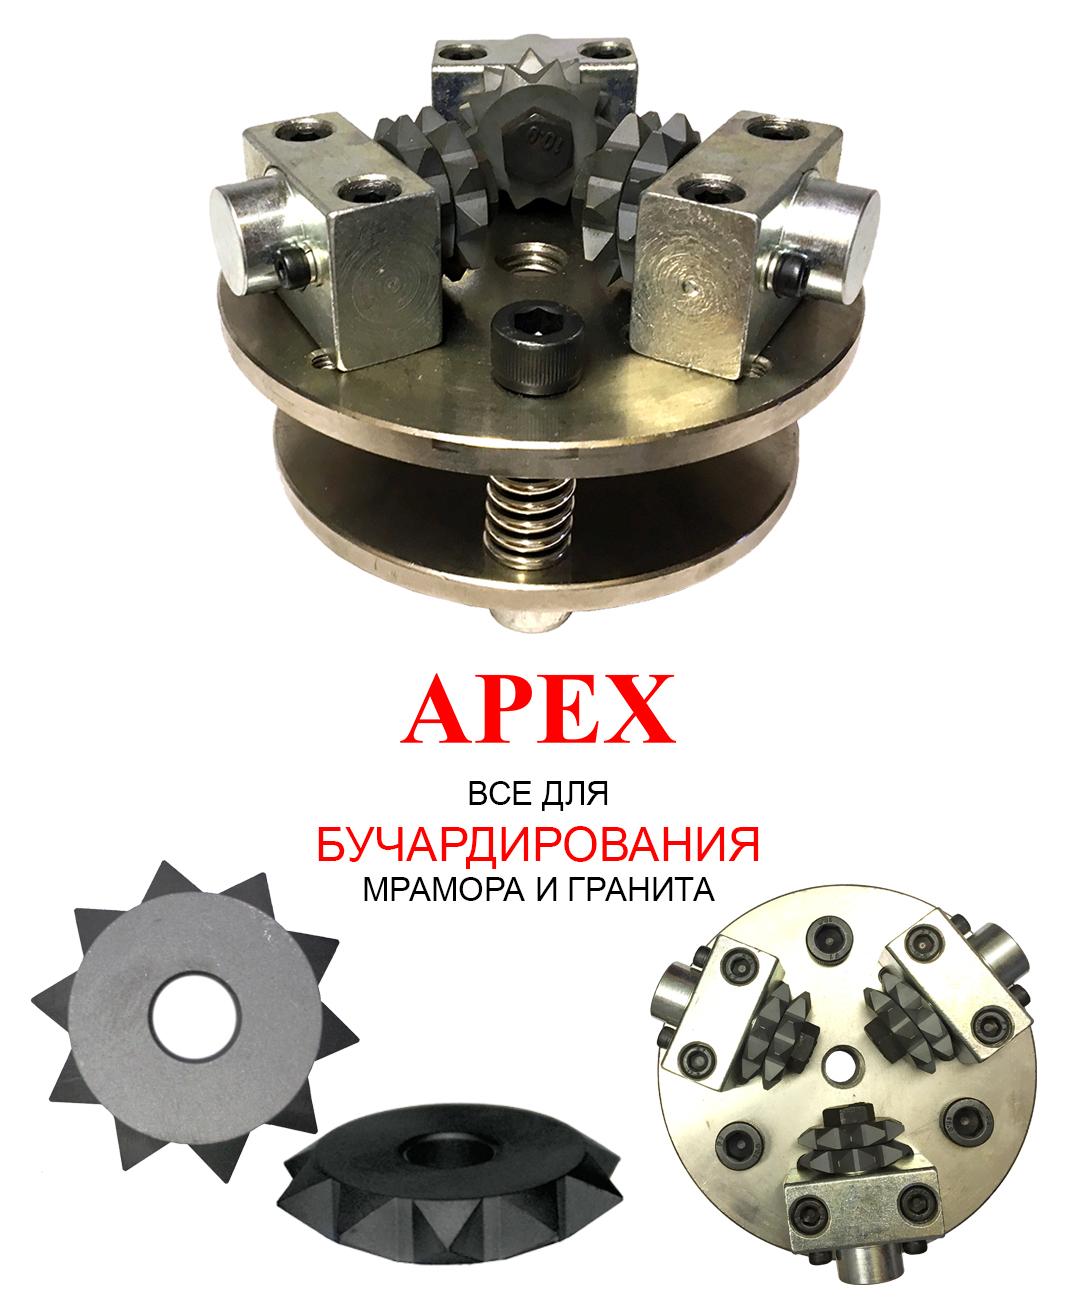 APEX бурчады от компании АЛМИР